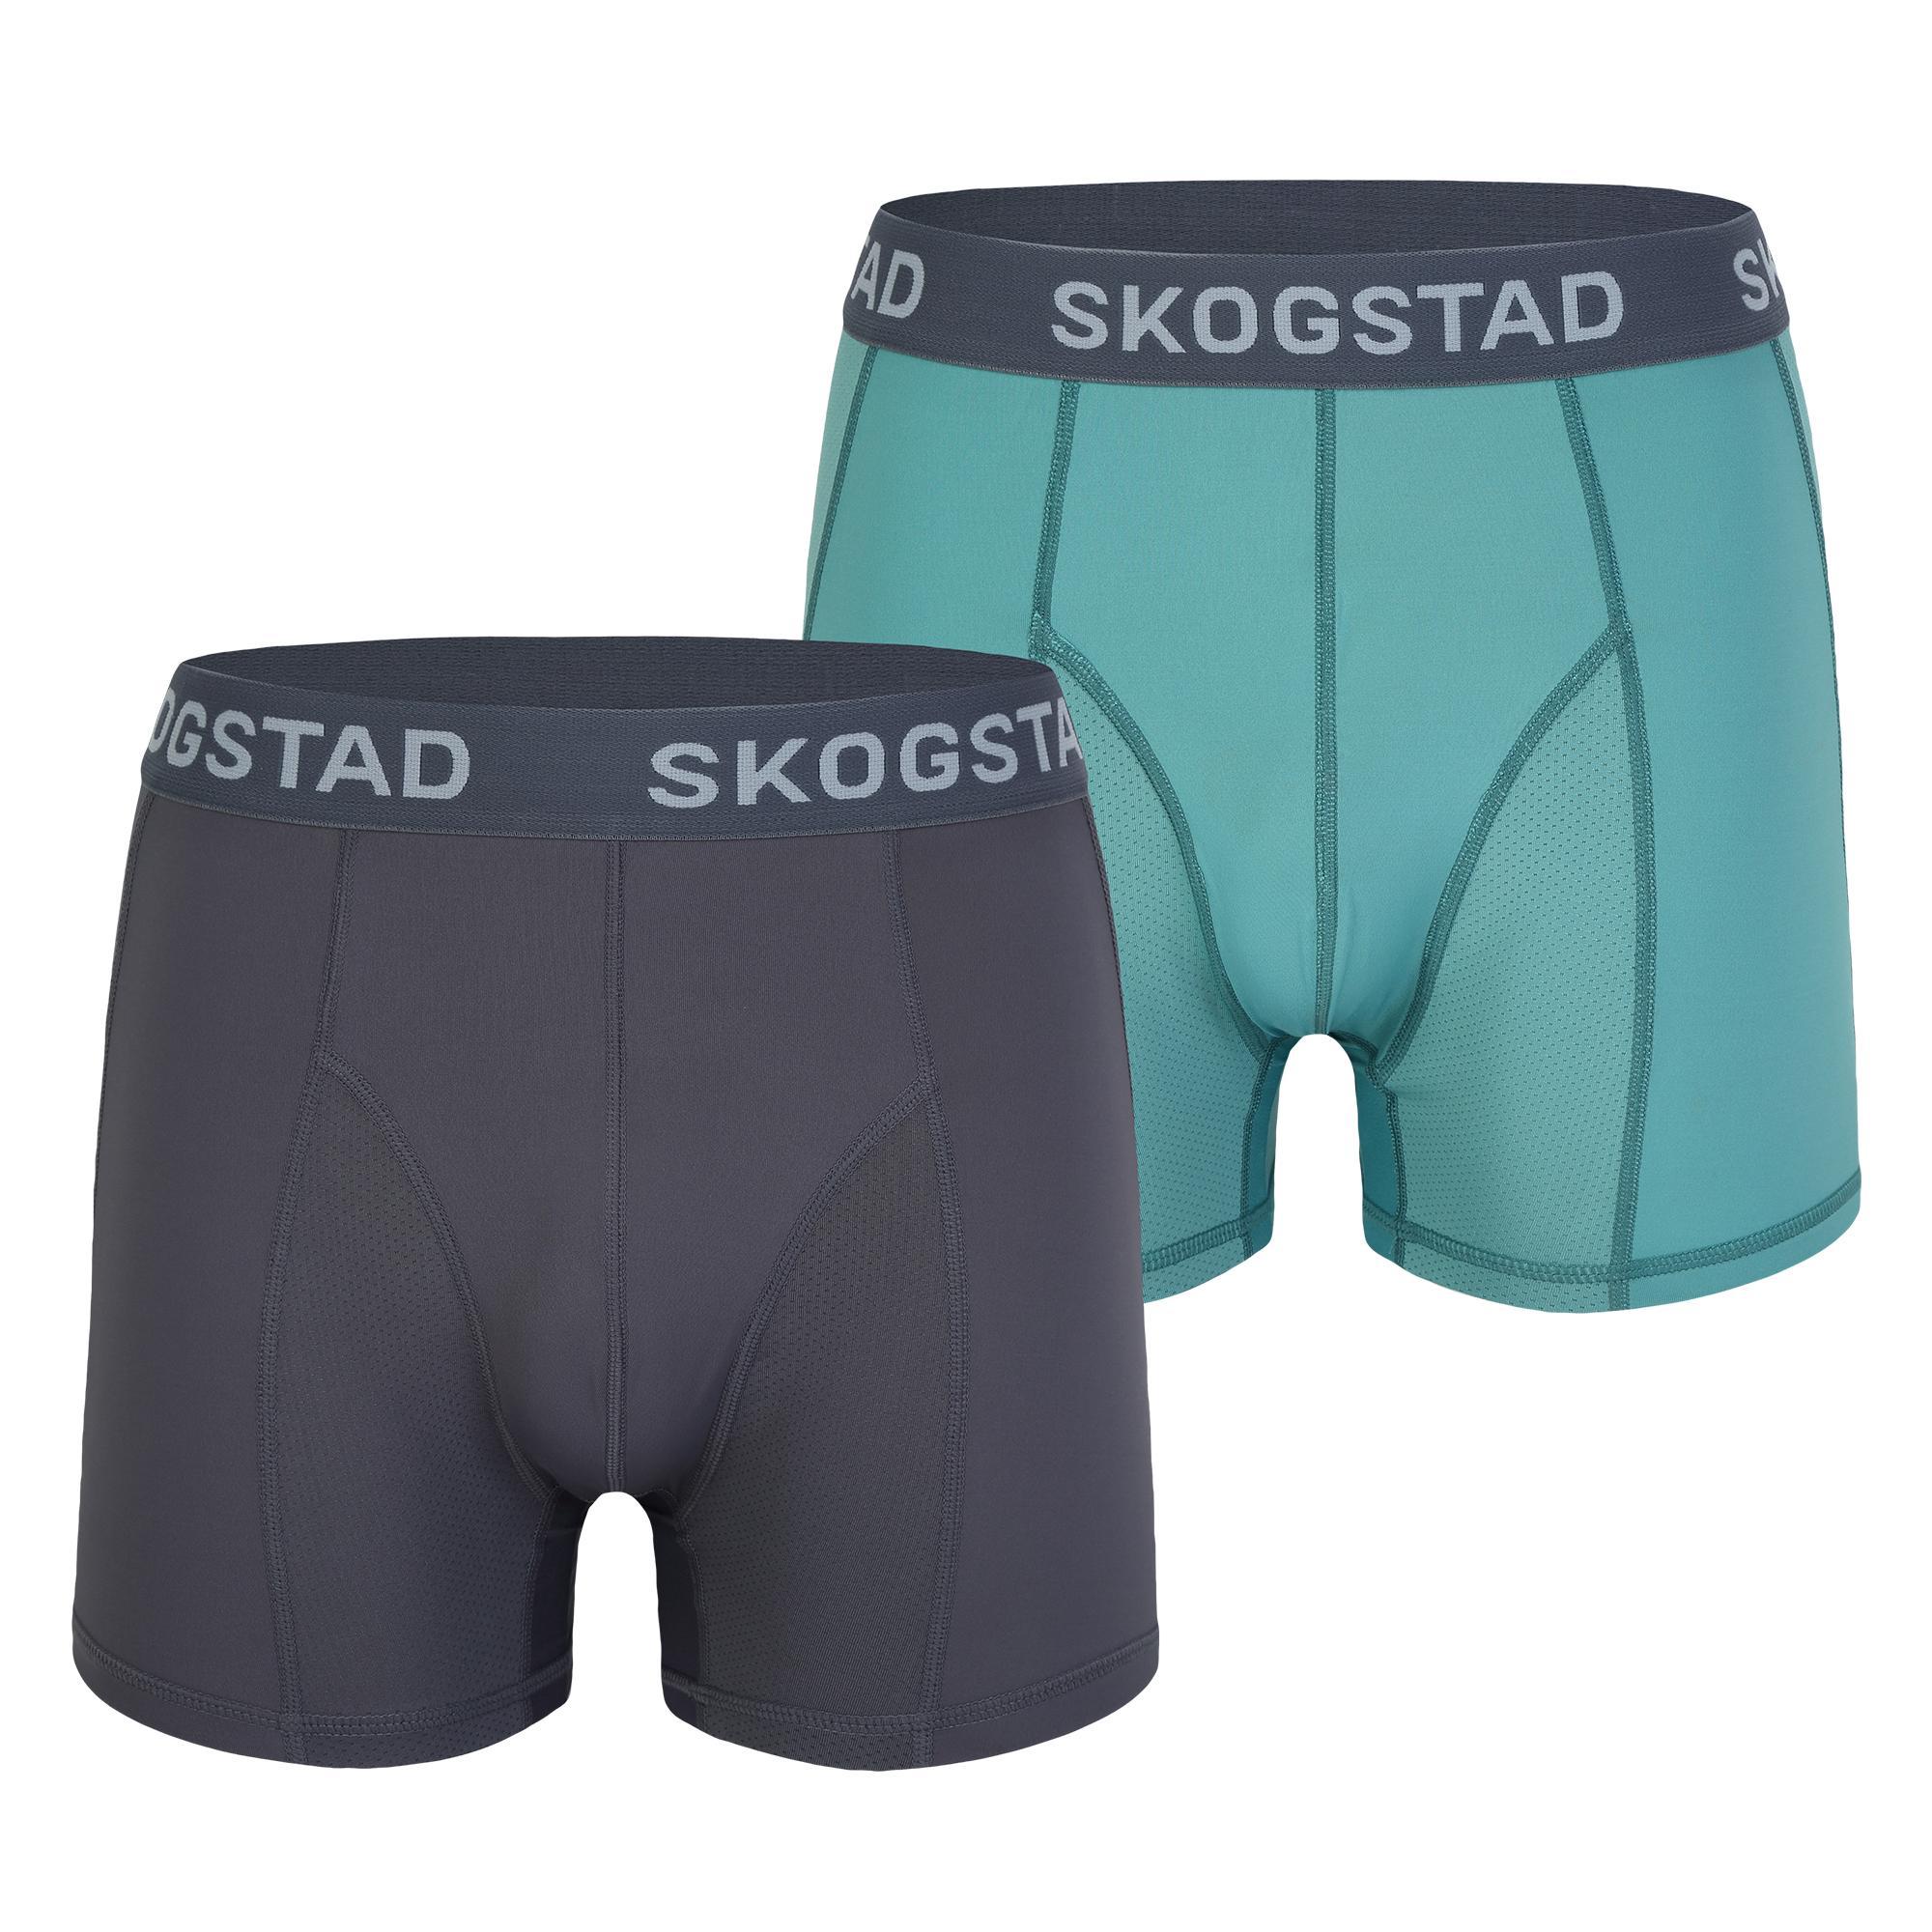 3faefcb64ee0 SKOGSTAD FOSSEFJELL 2 PK MENS BOXER STEEL/BRISTOL BLUE £24.00